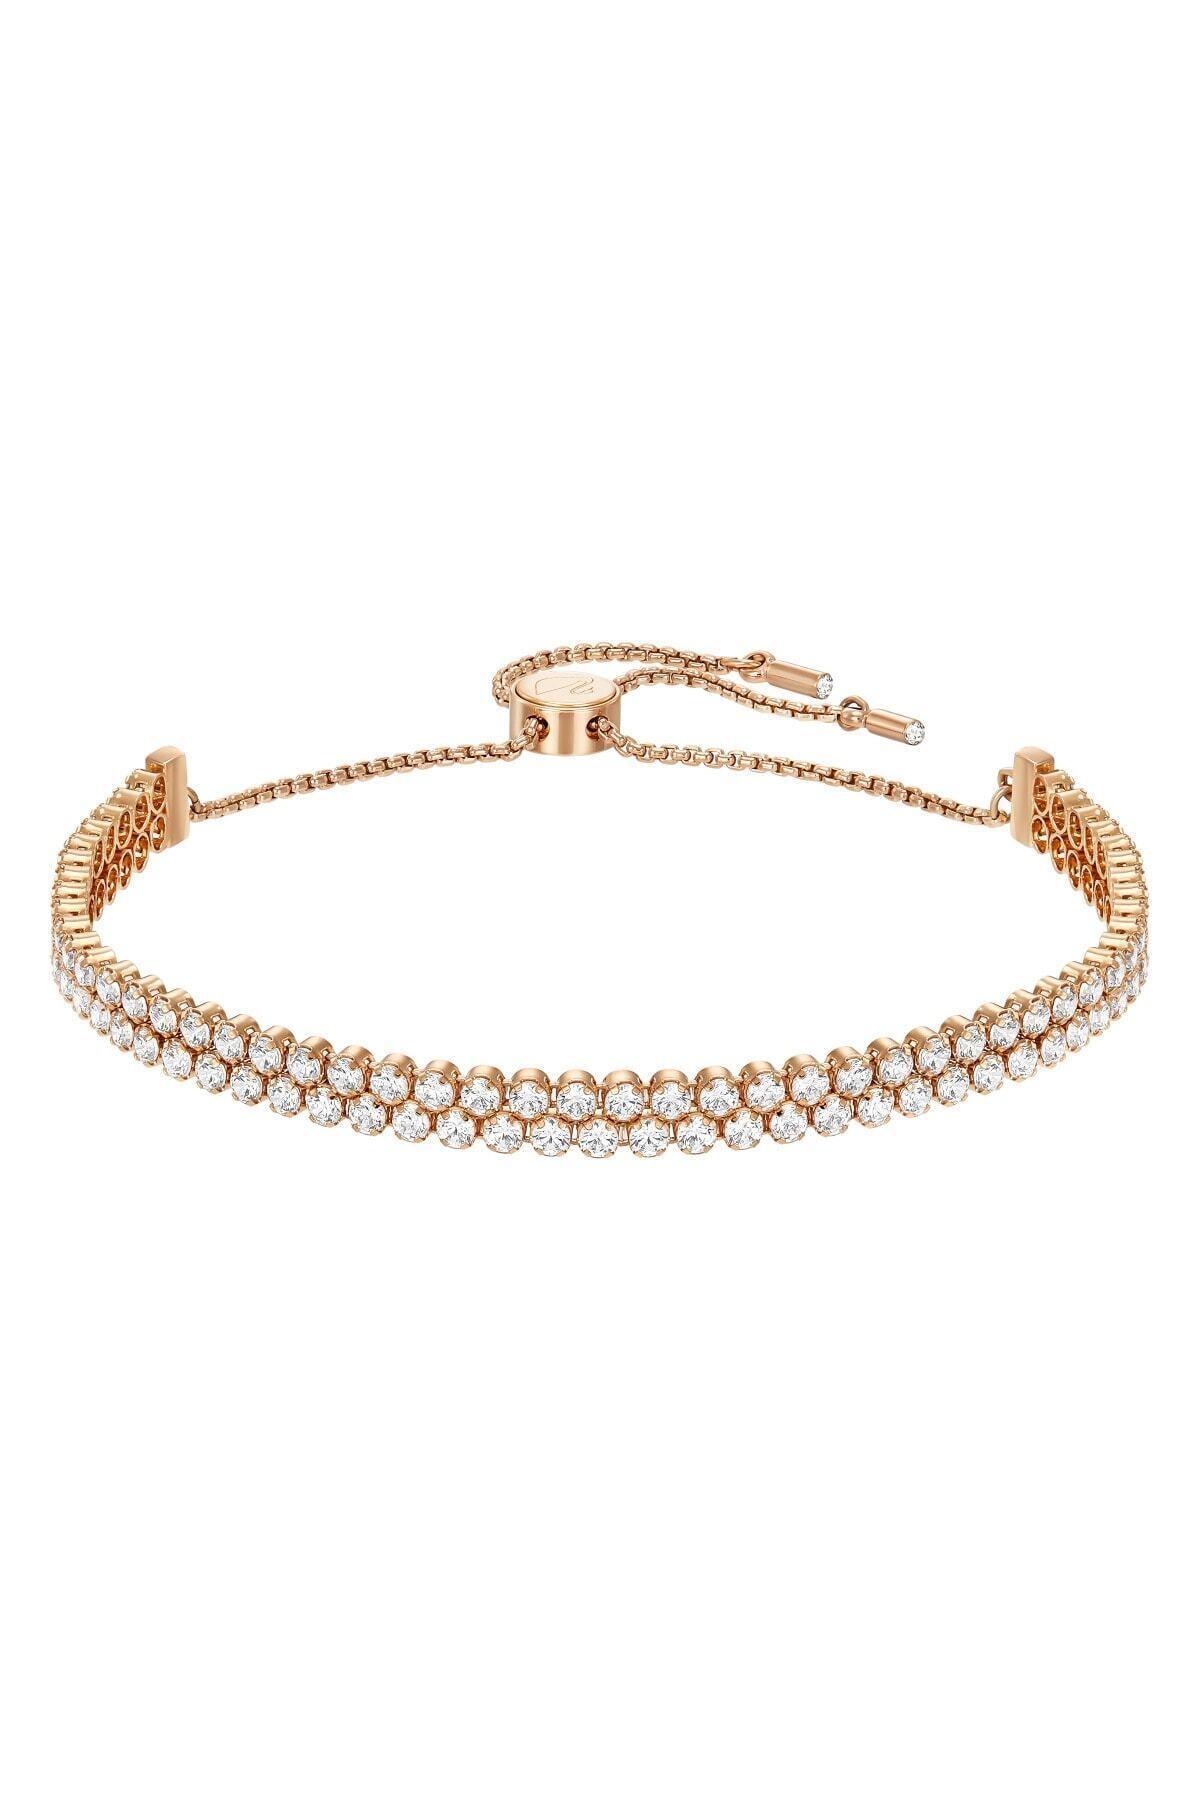 Swarovski Kadın Bilezik Subtle:bracelet Db Czwh/ros M 5224182 1